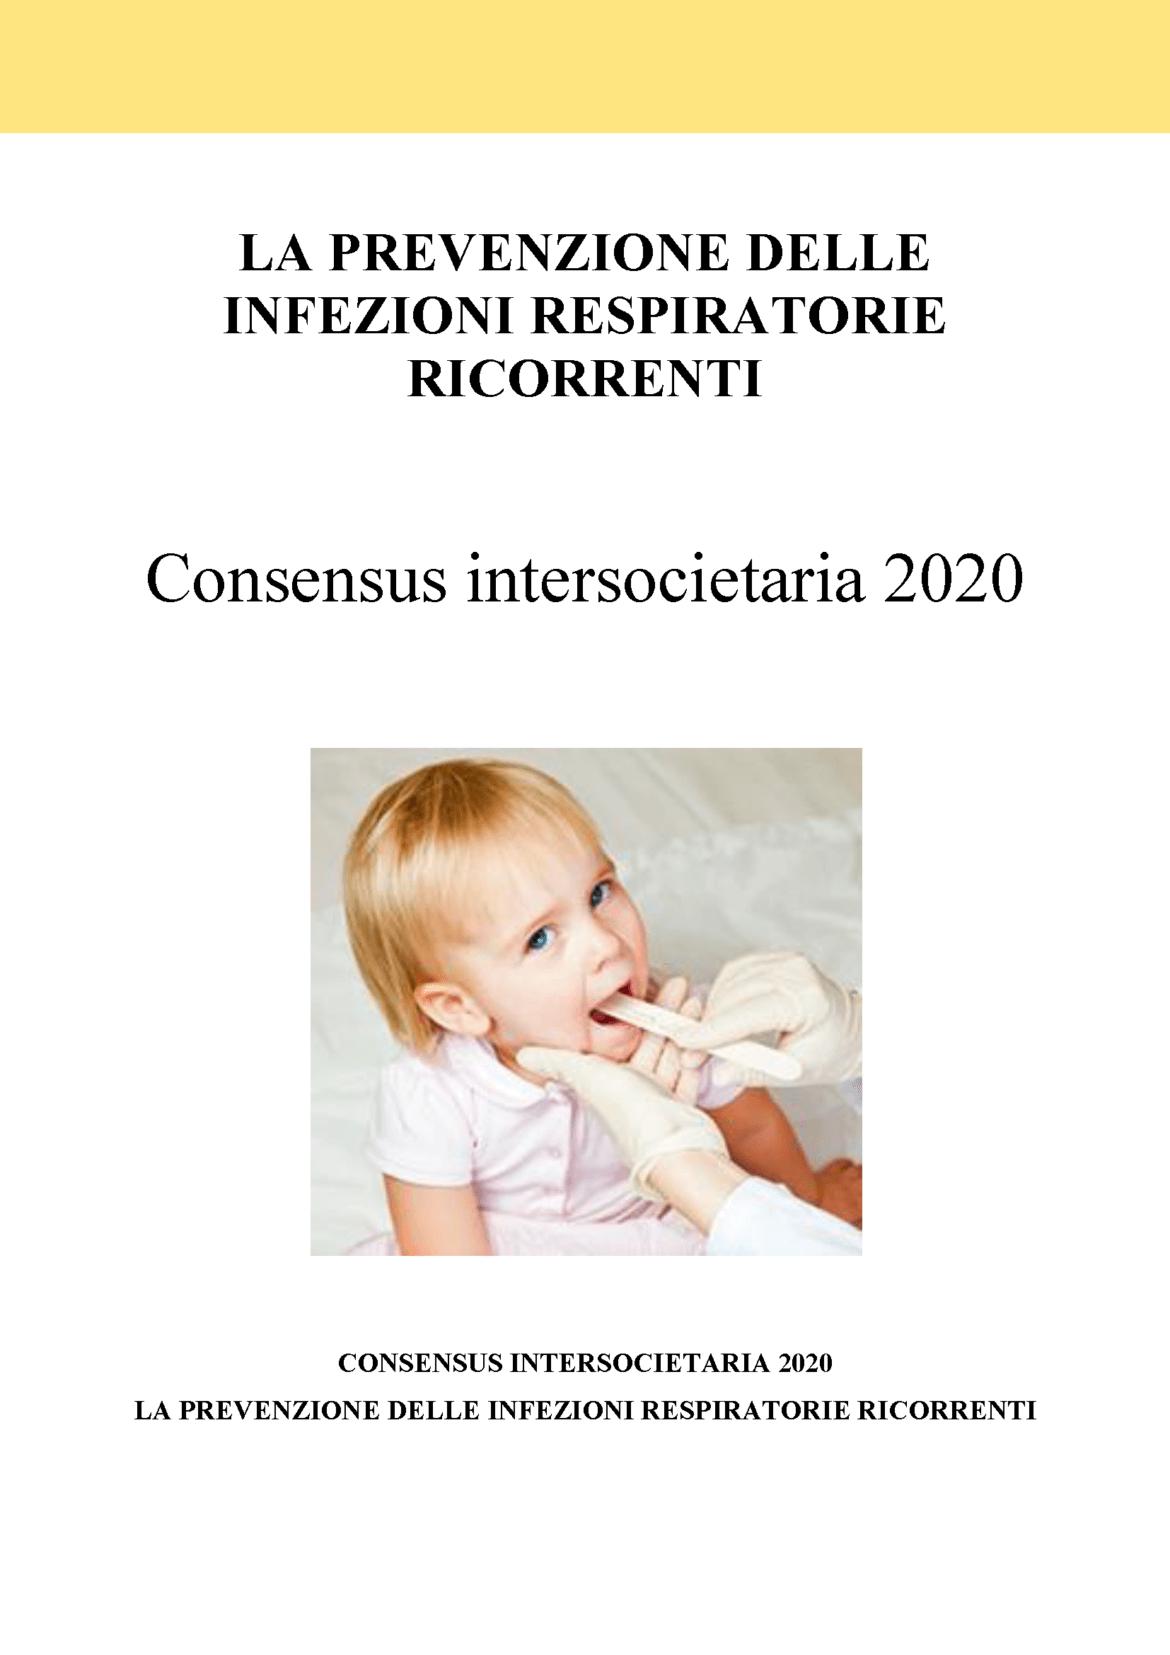 CONSENSUS-IRR-2020-4-3_Pagina_001.png